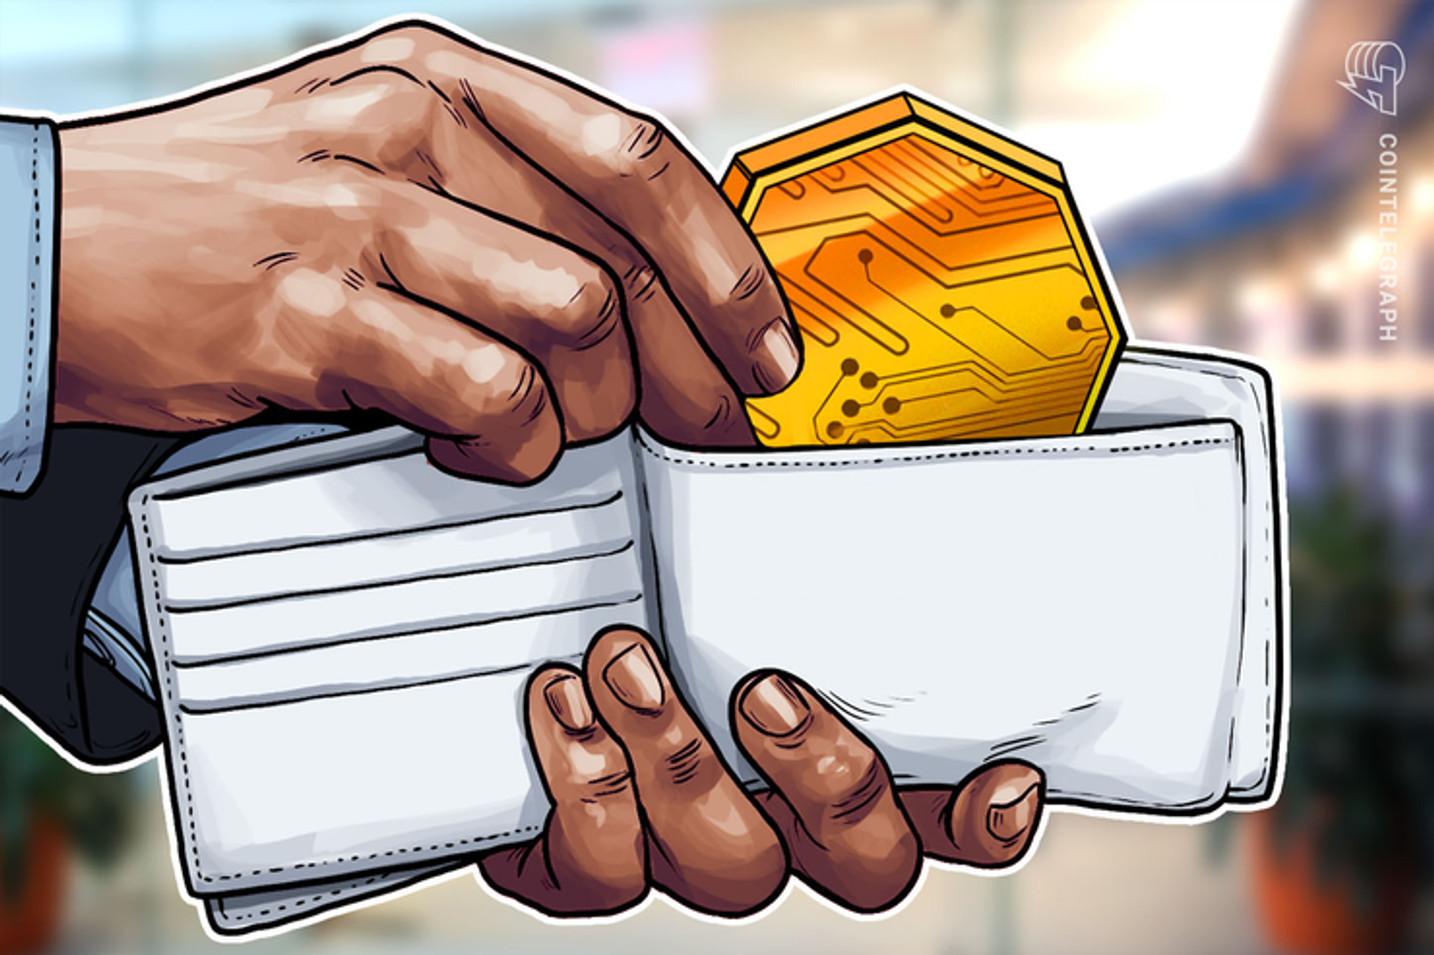 Cerca de 10,7 milhões de Bitcoins estão 'parados' esperando valorização do halving